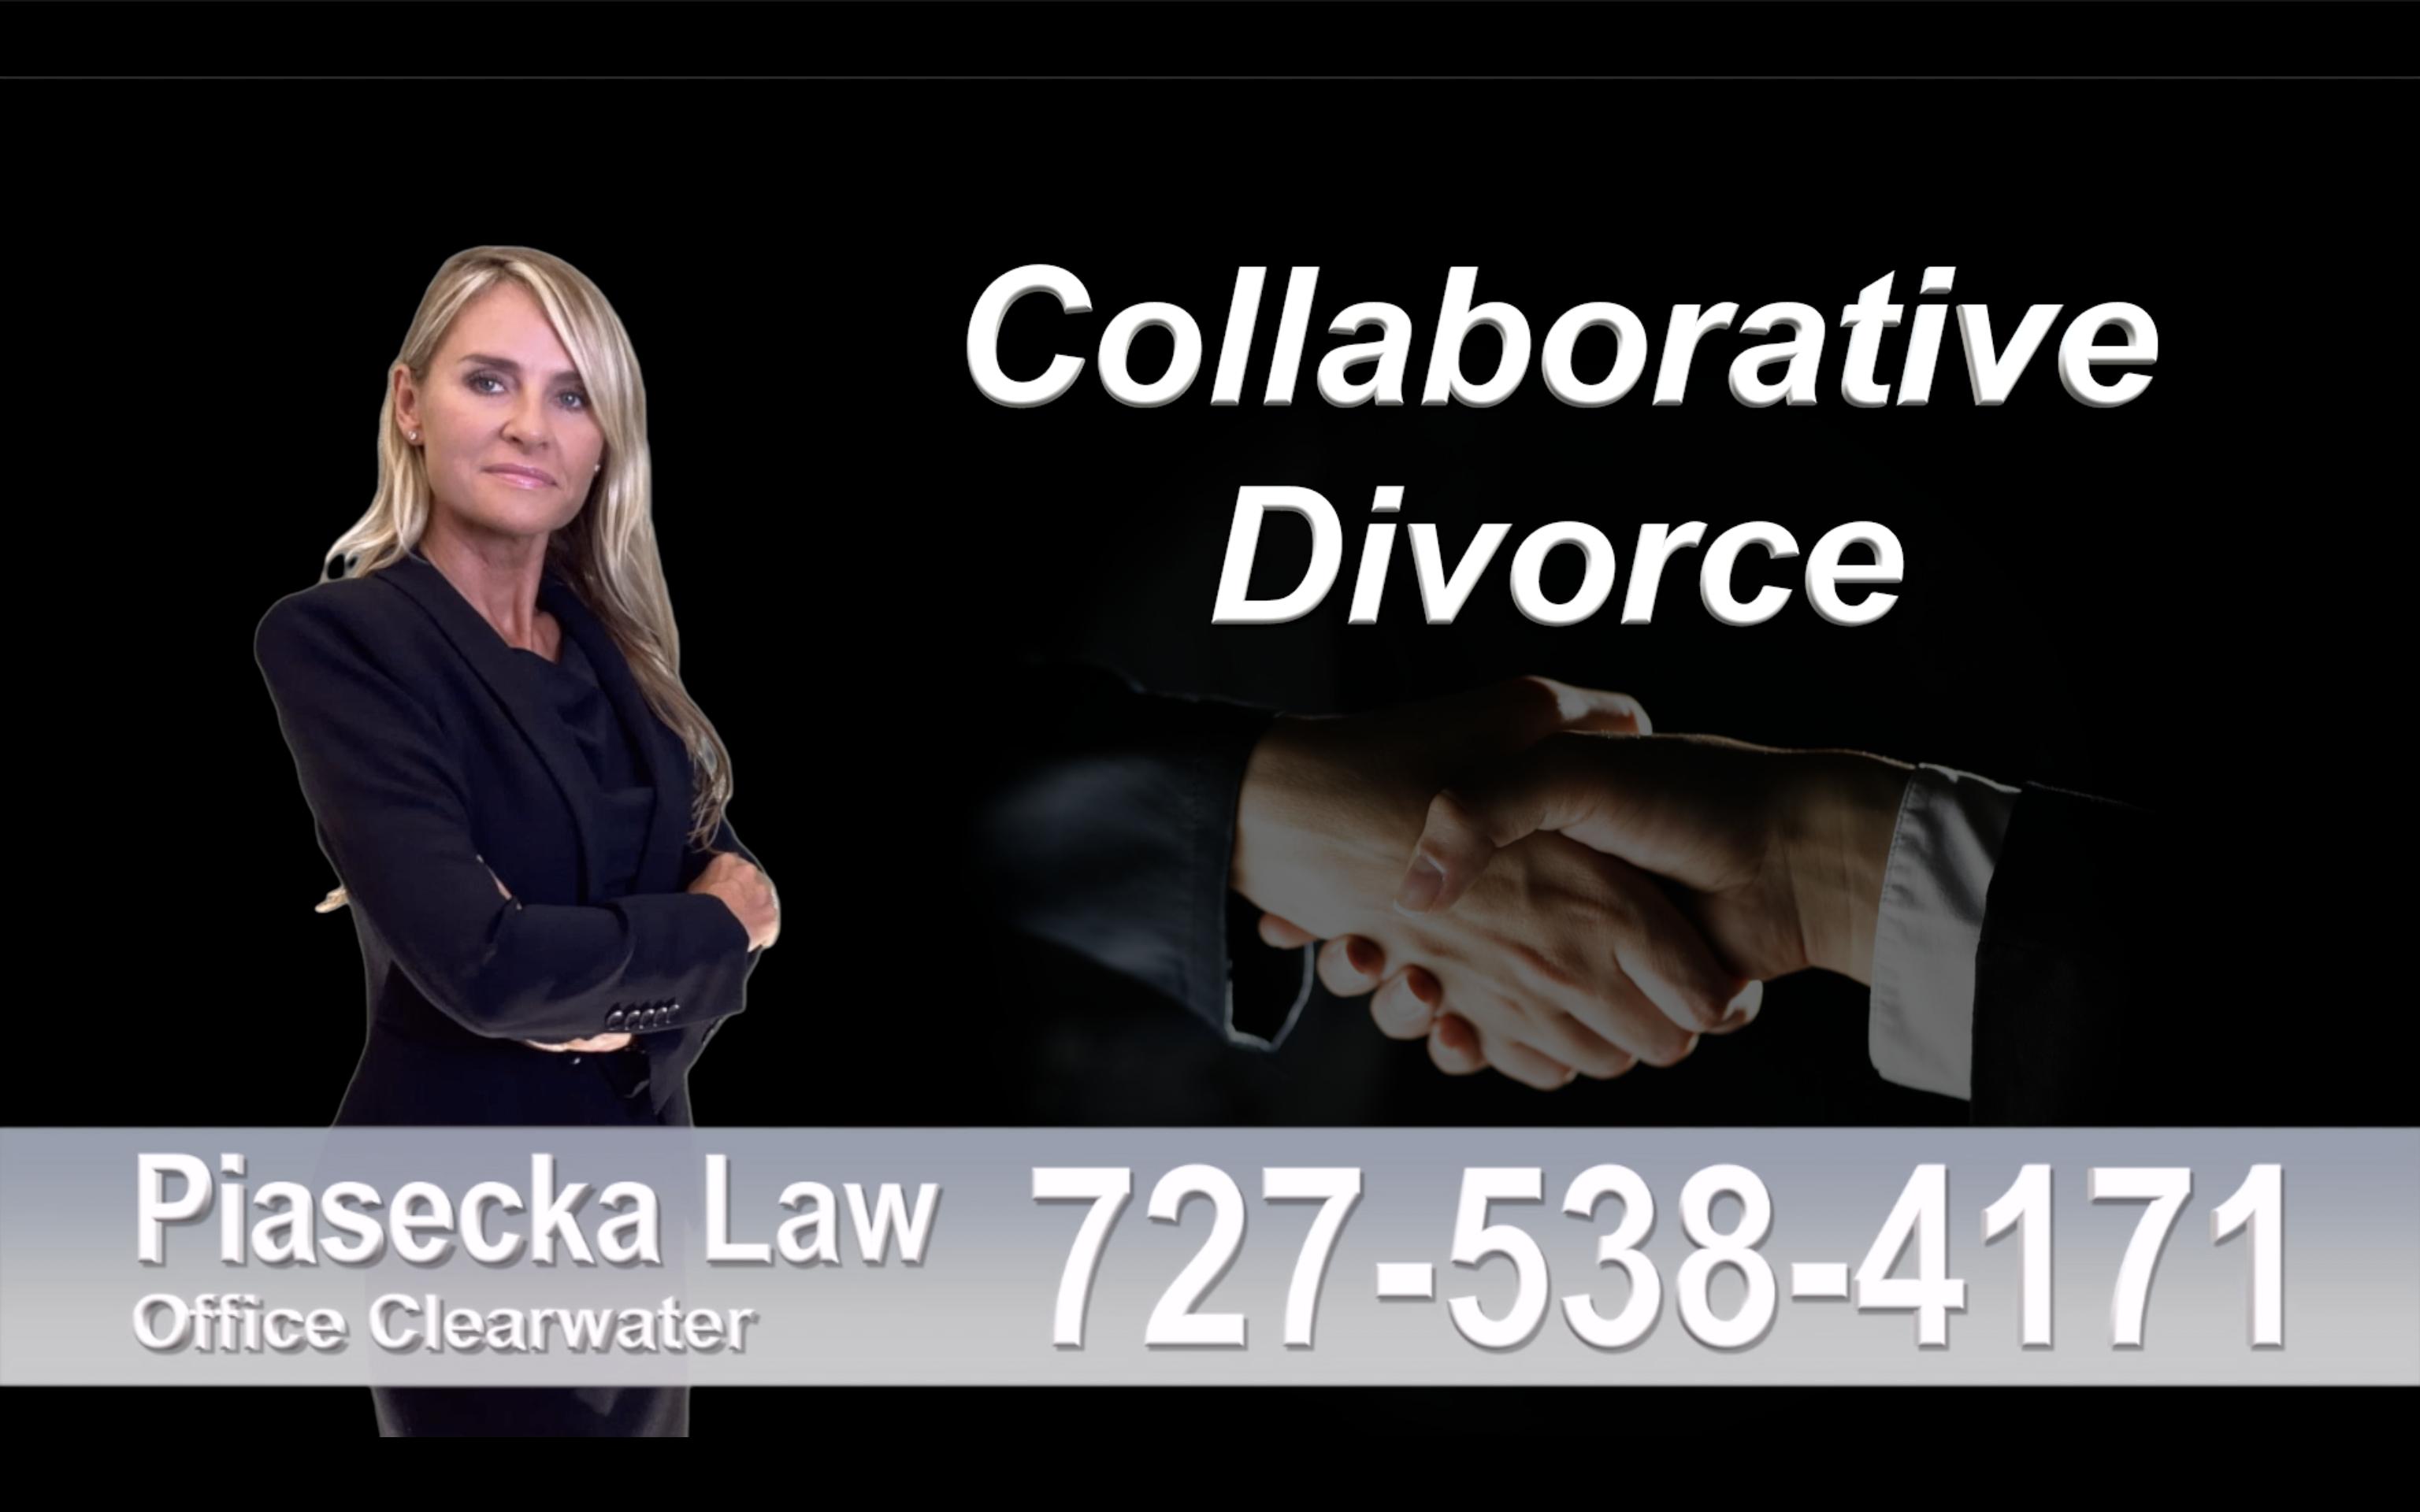 Bradenton Collaborative, Divorce, Attorney, Agnieszka, Piasecka, Prawnik, Rozwodowy, Rozwód, Adwokat, rozwodowy, Najlepszy, Best, Collaborative, Divorce, Lawyer